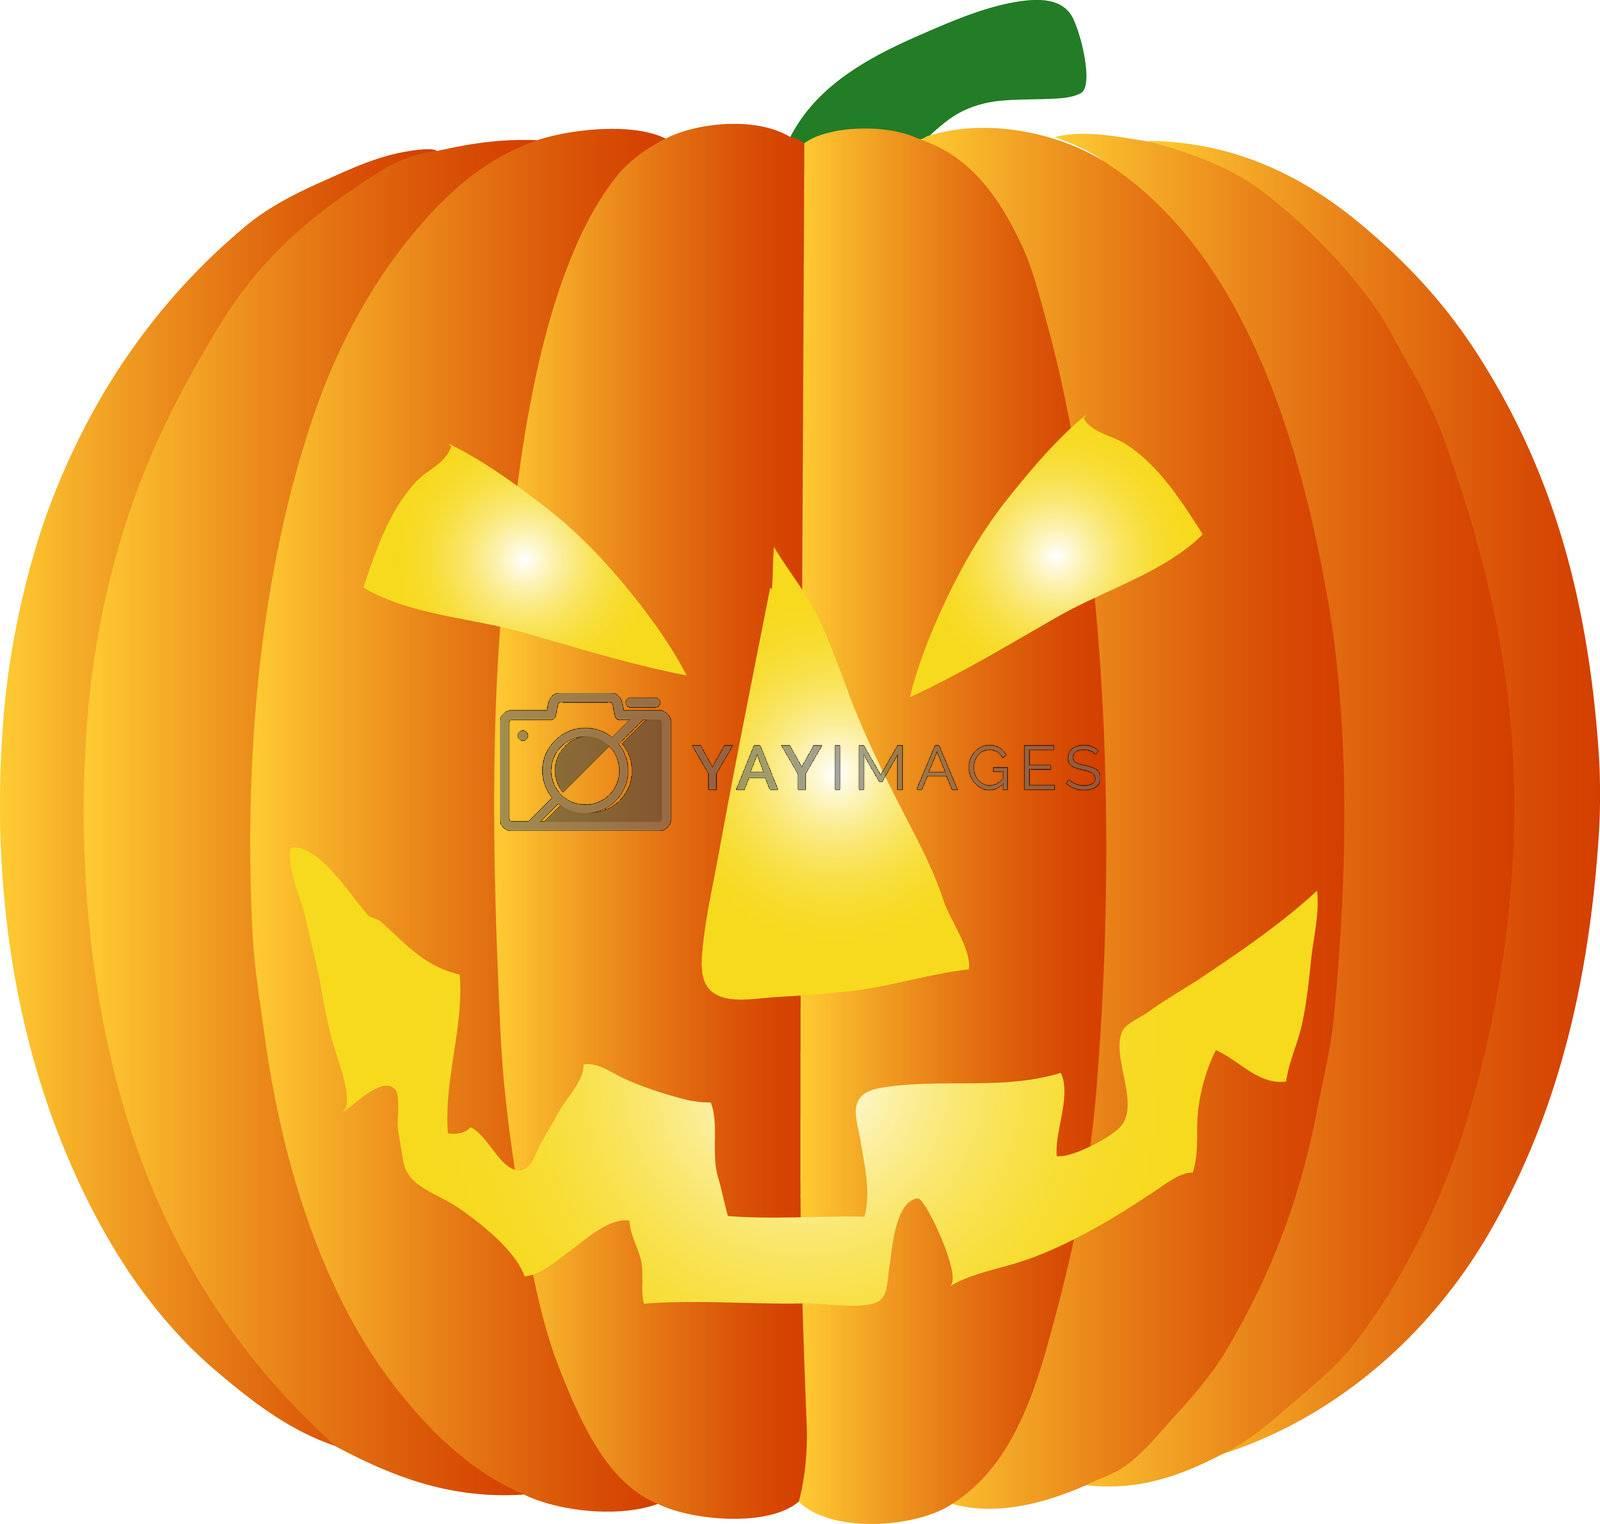 a illustration of a halloween pumpkin